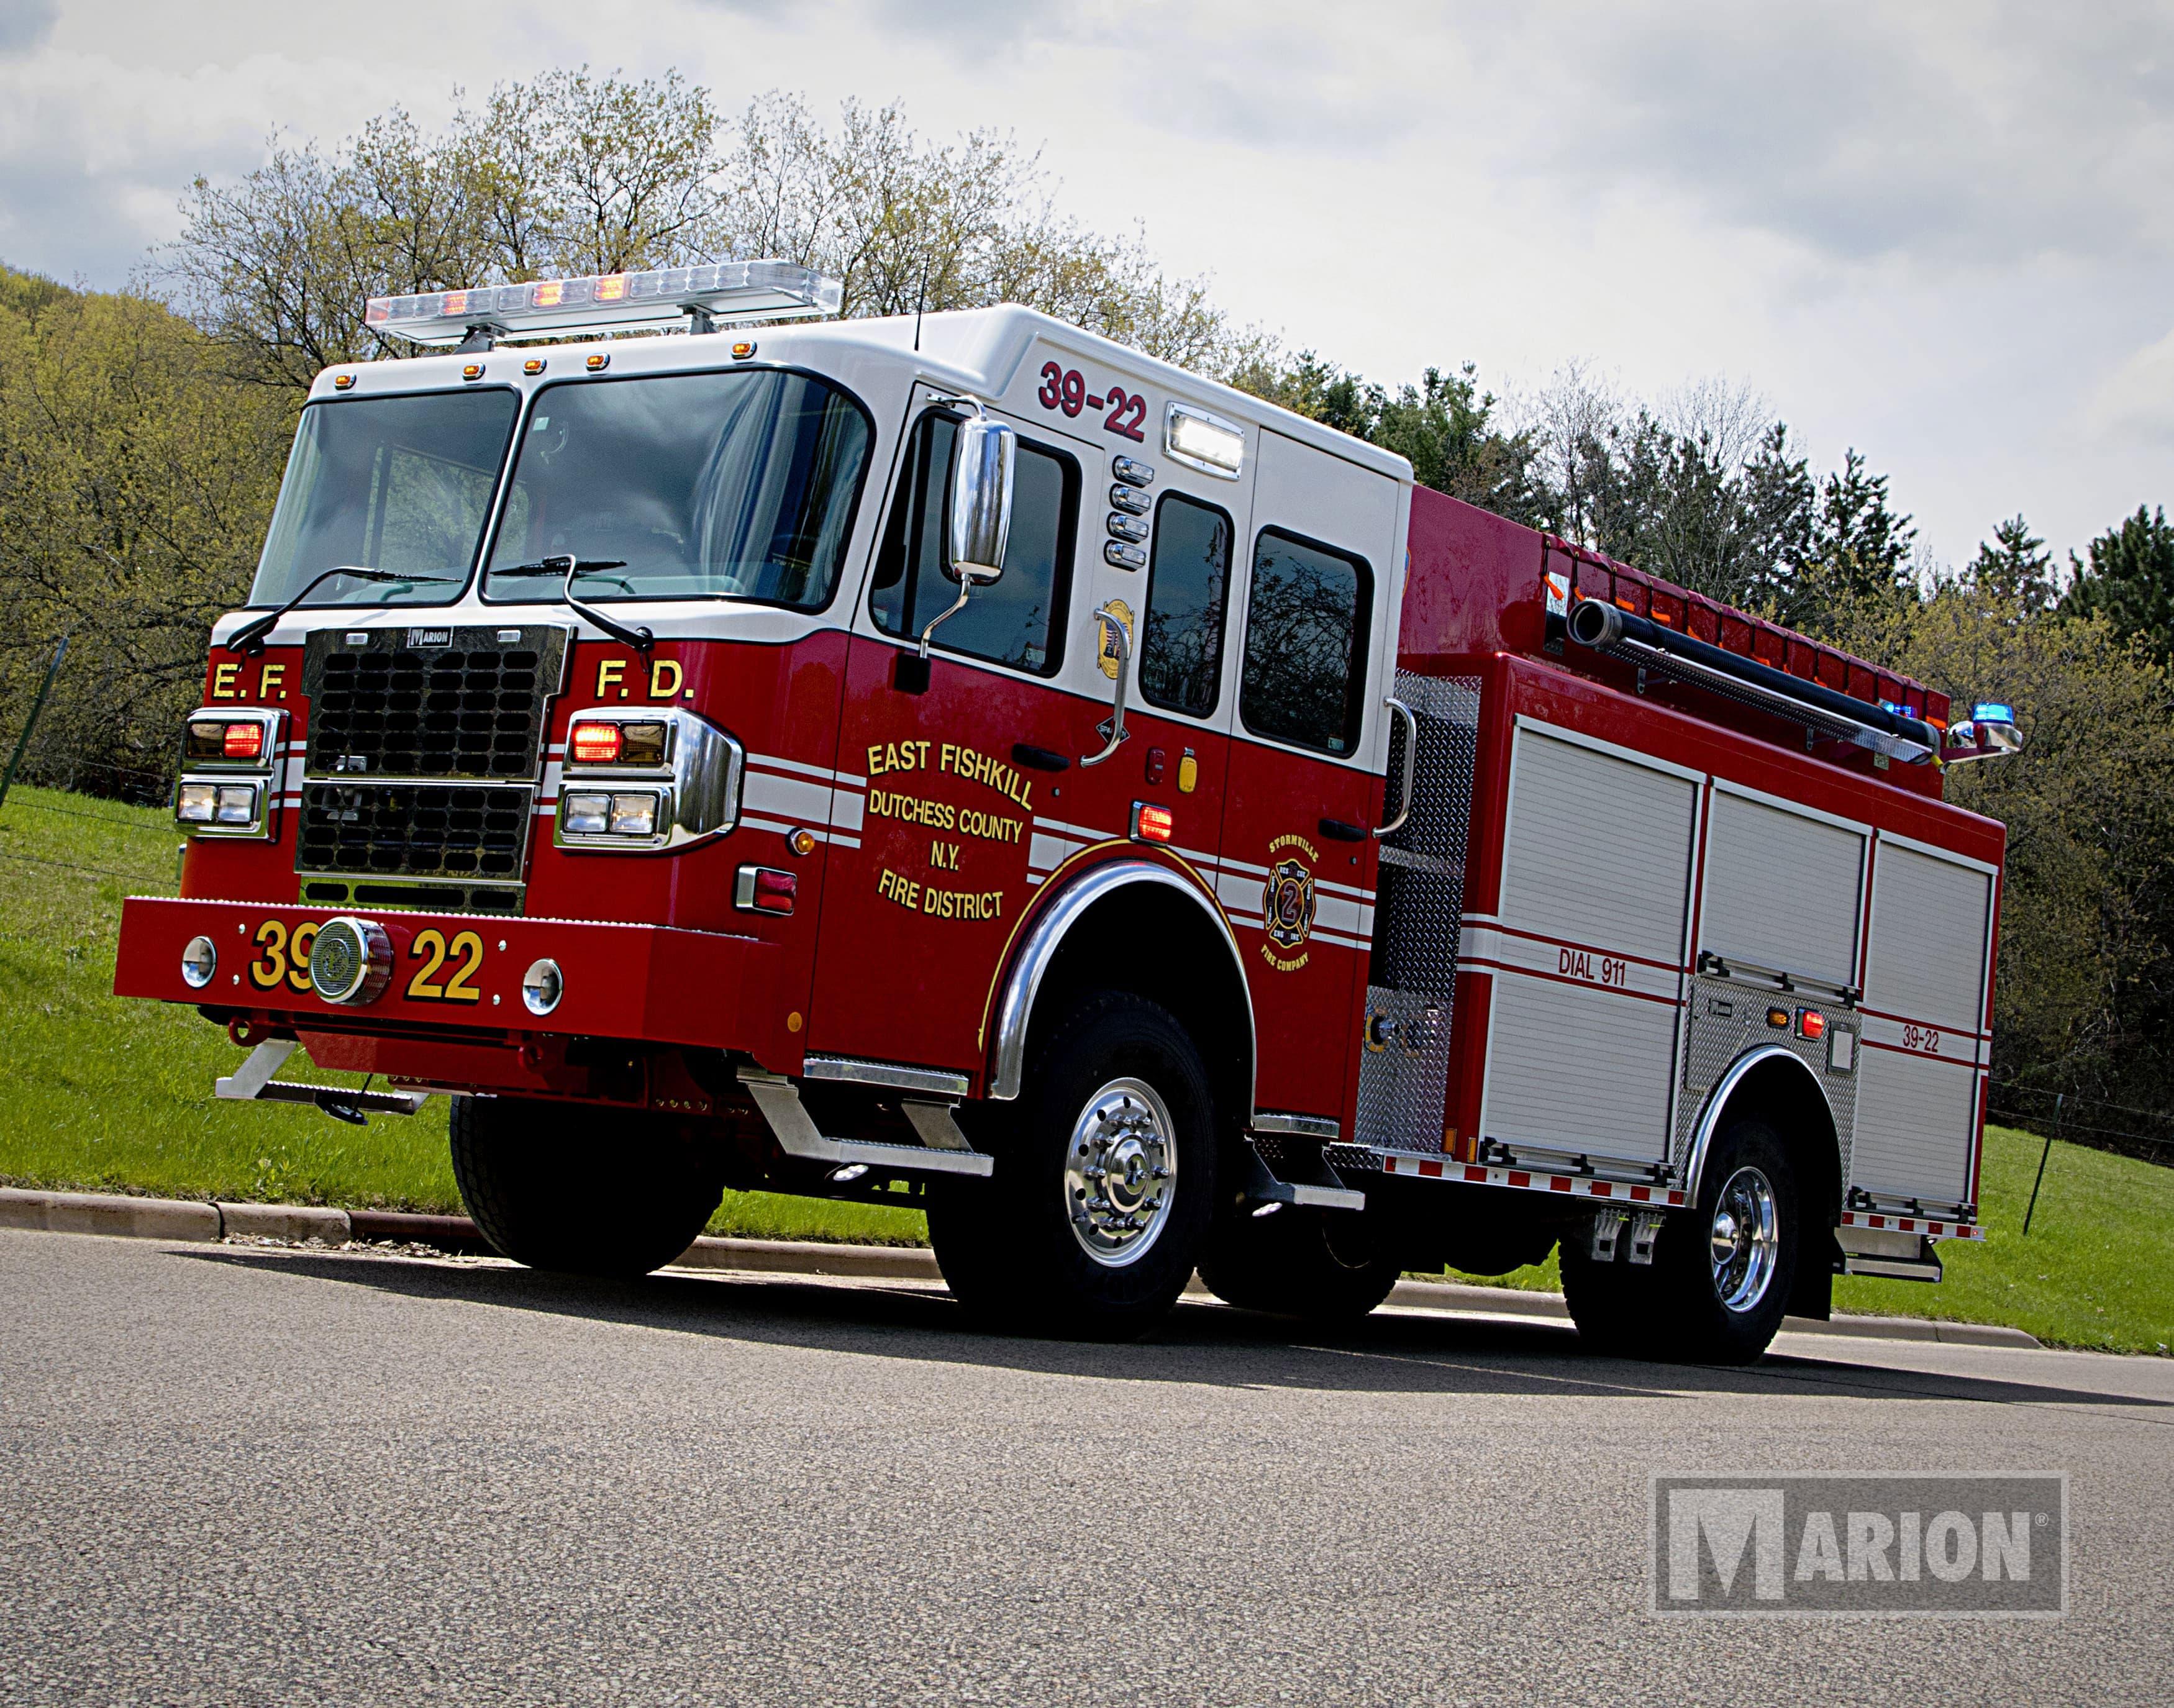 East Fishkill Fire District Pumper